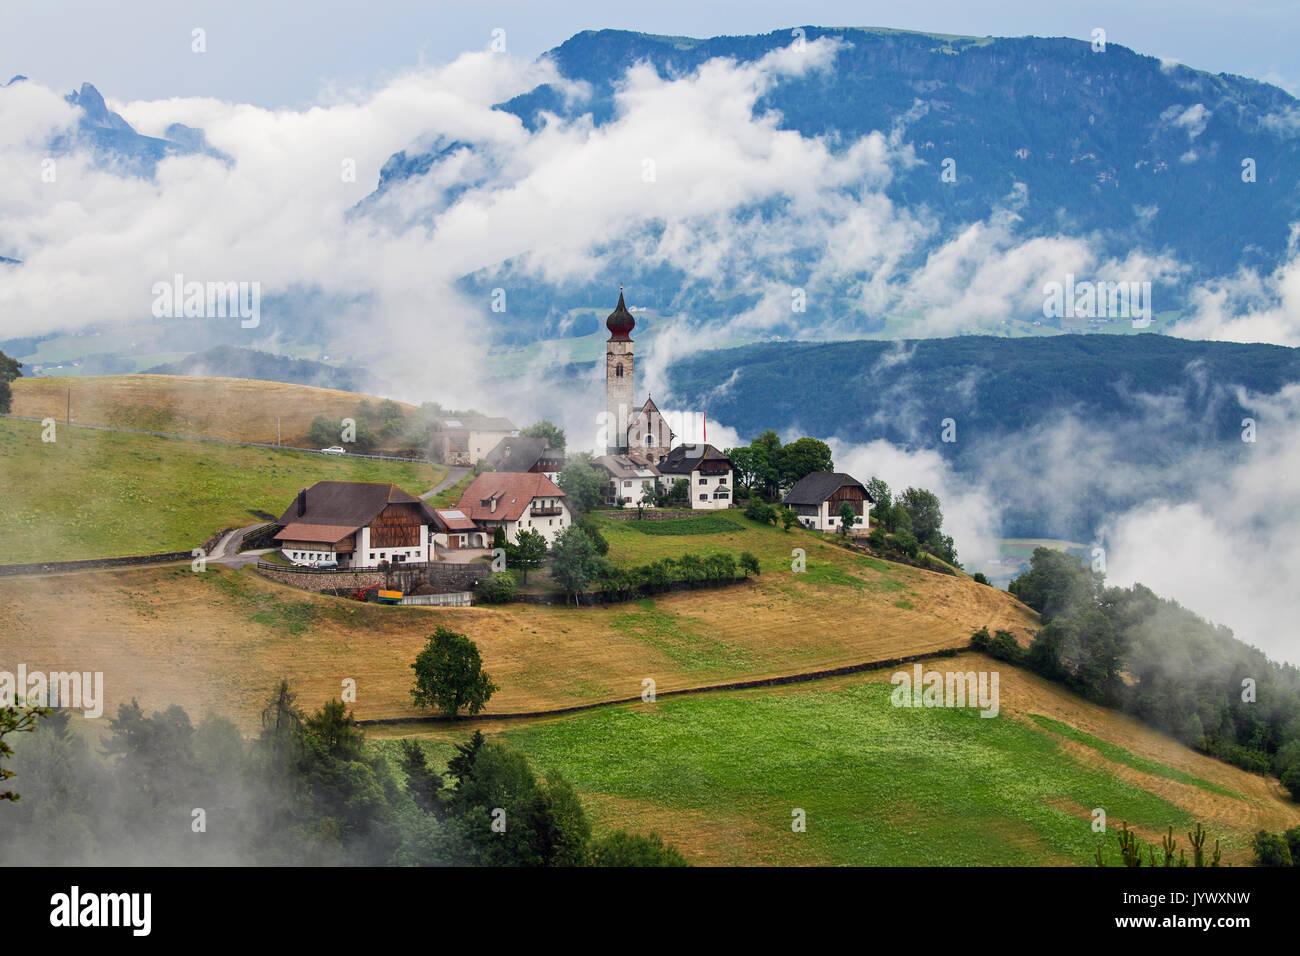 MONTE DI MEZZO, ITALIE - 25 juin 2017: village de Monte di Mezzo avec St Nikolaus Église; situé dans Dolomites, près de la terre des pyramides de Renon Photo Stock